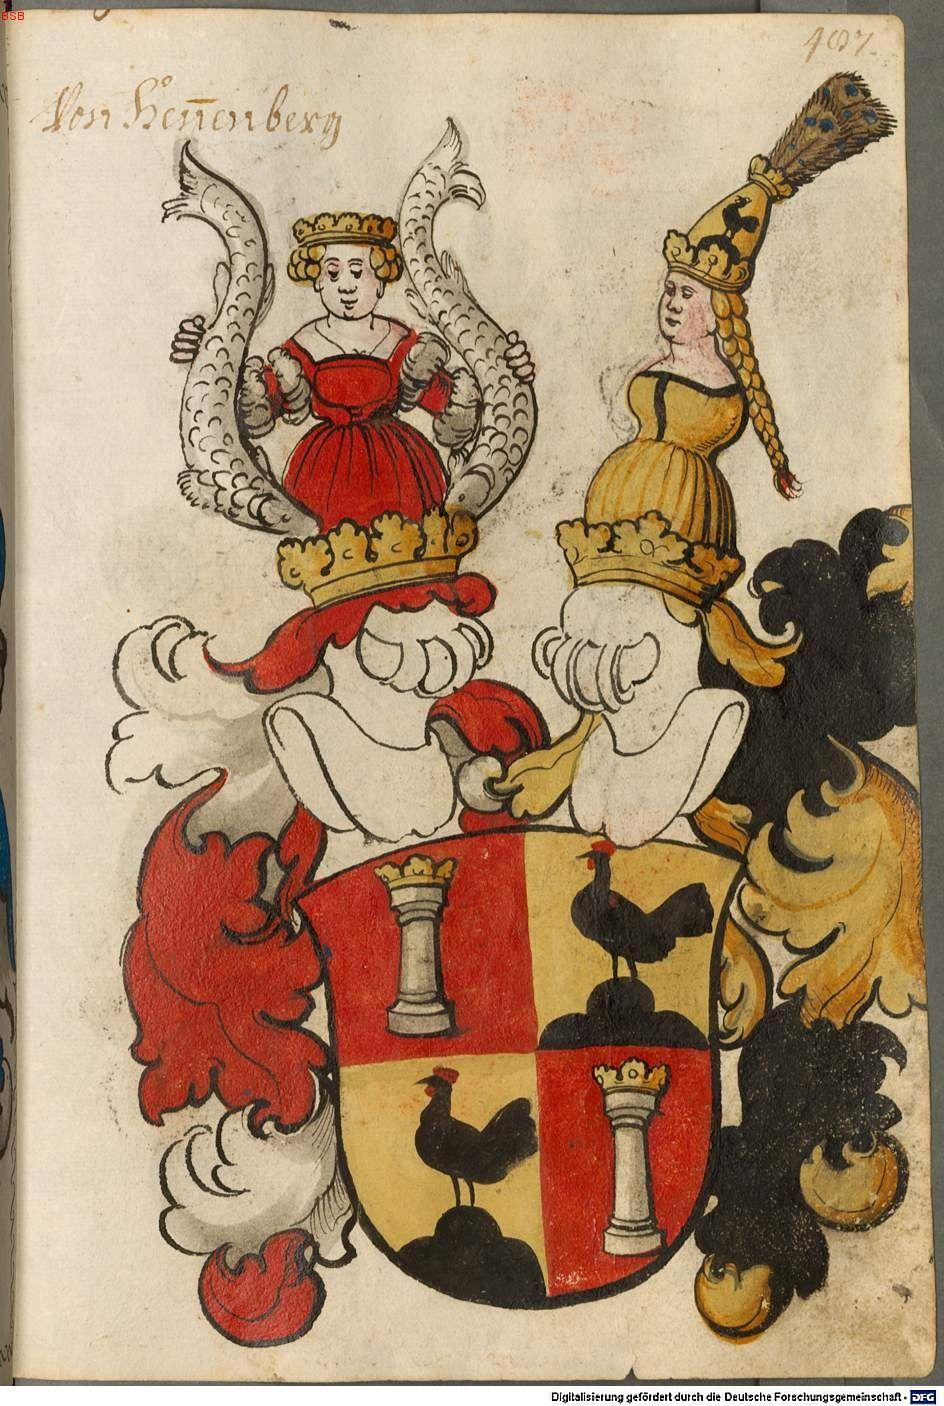 Scheibler'sches Wappenbuch Süddeutschland, um 1450 - 17. Jh. Cod.icon. 312 c Folio 487